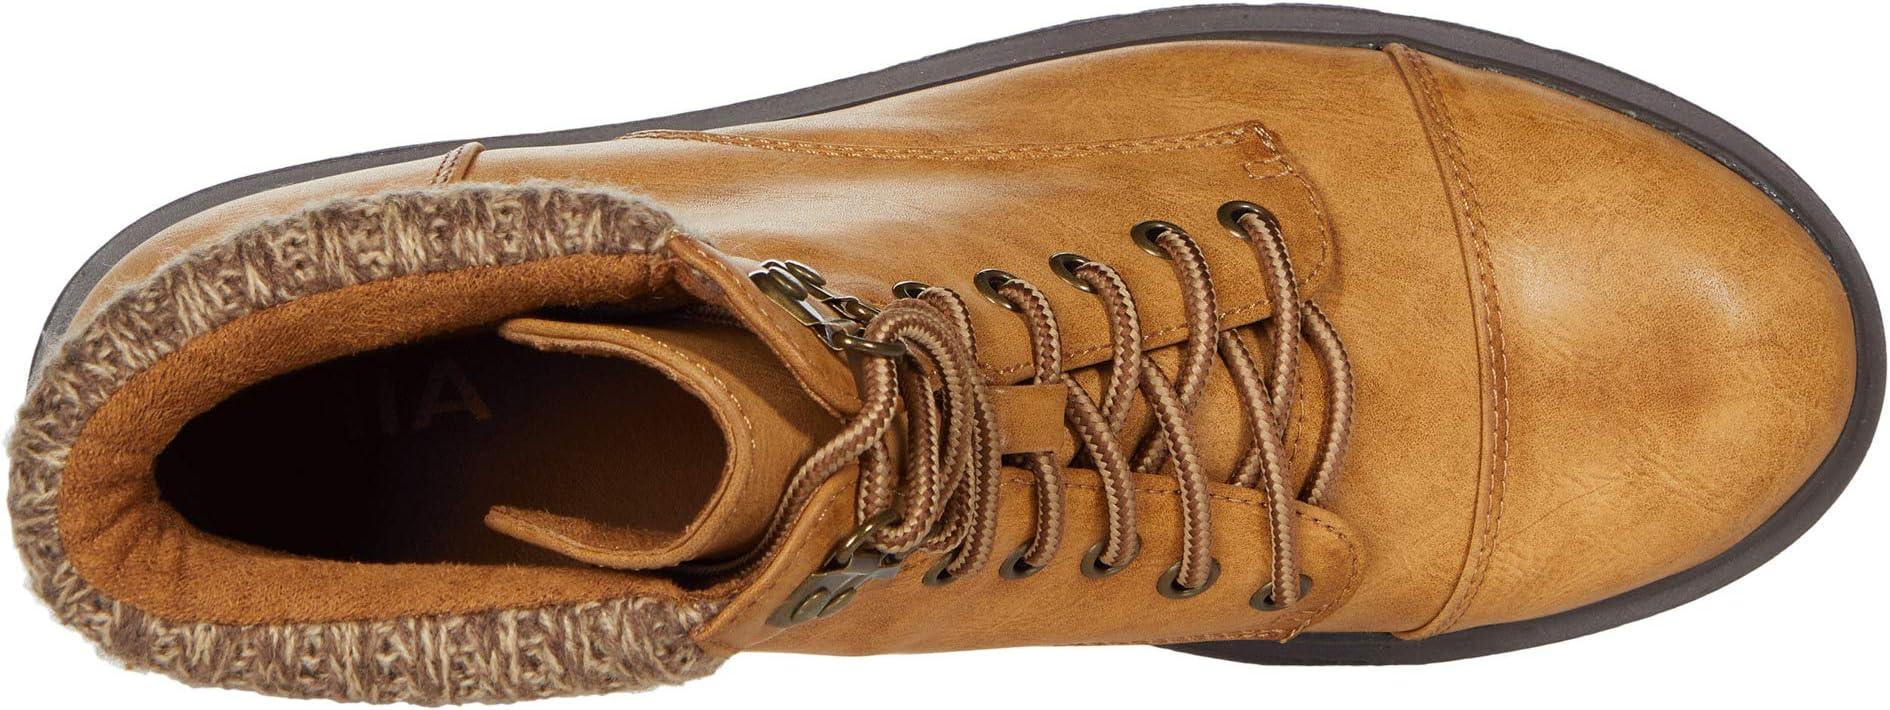 MIA Lannie | Women's shoes | 2020 Newest